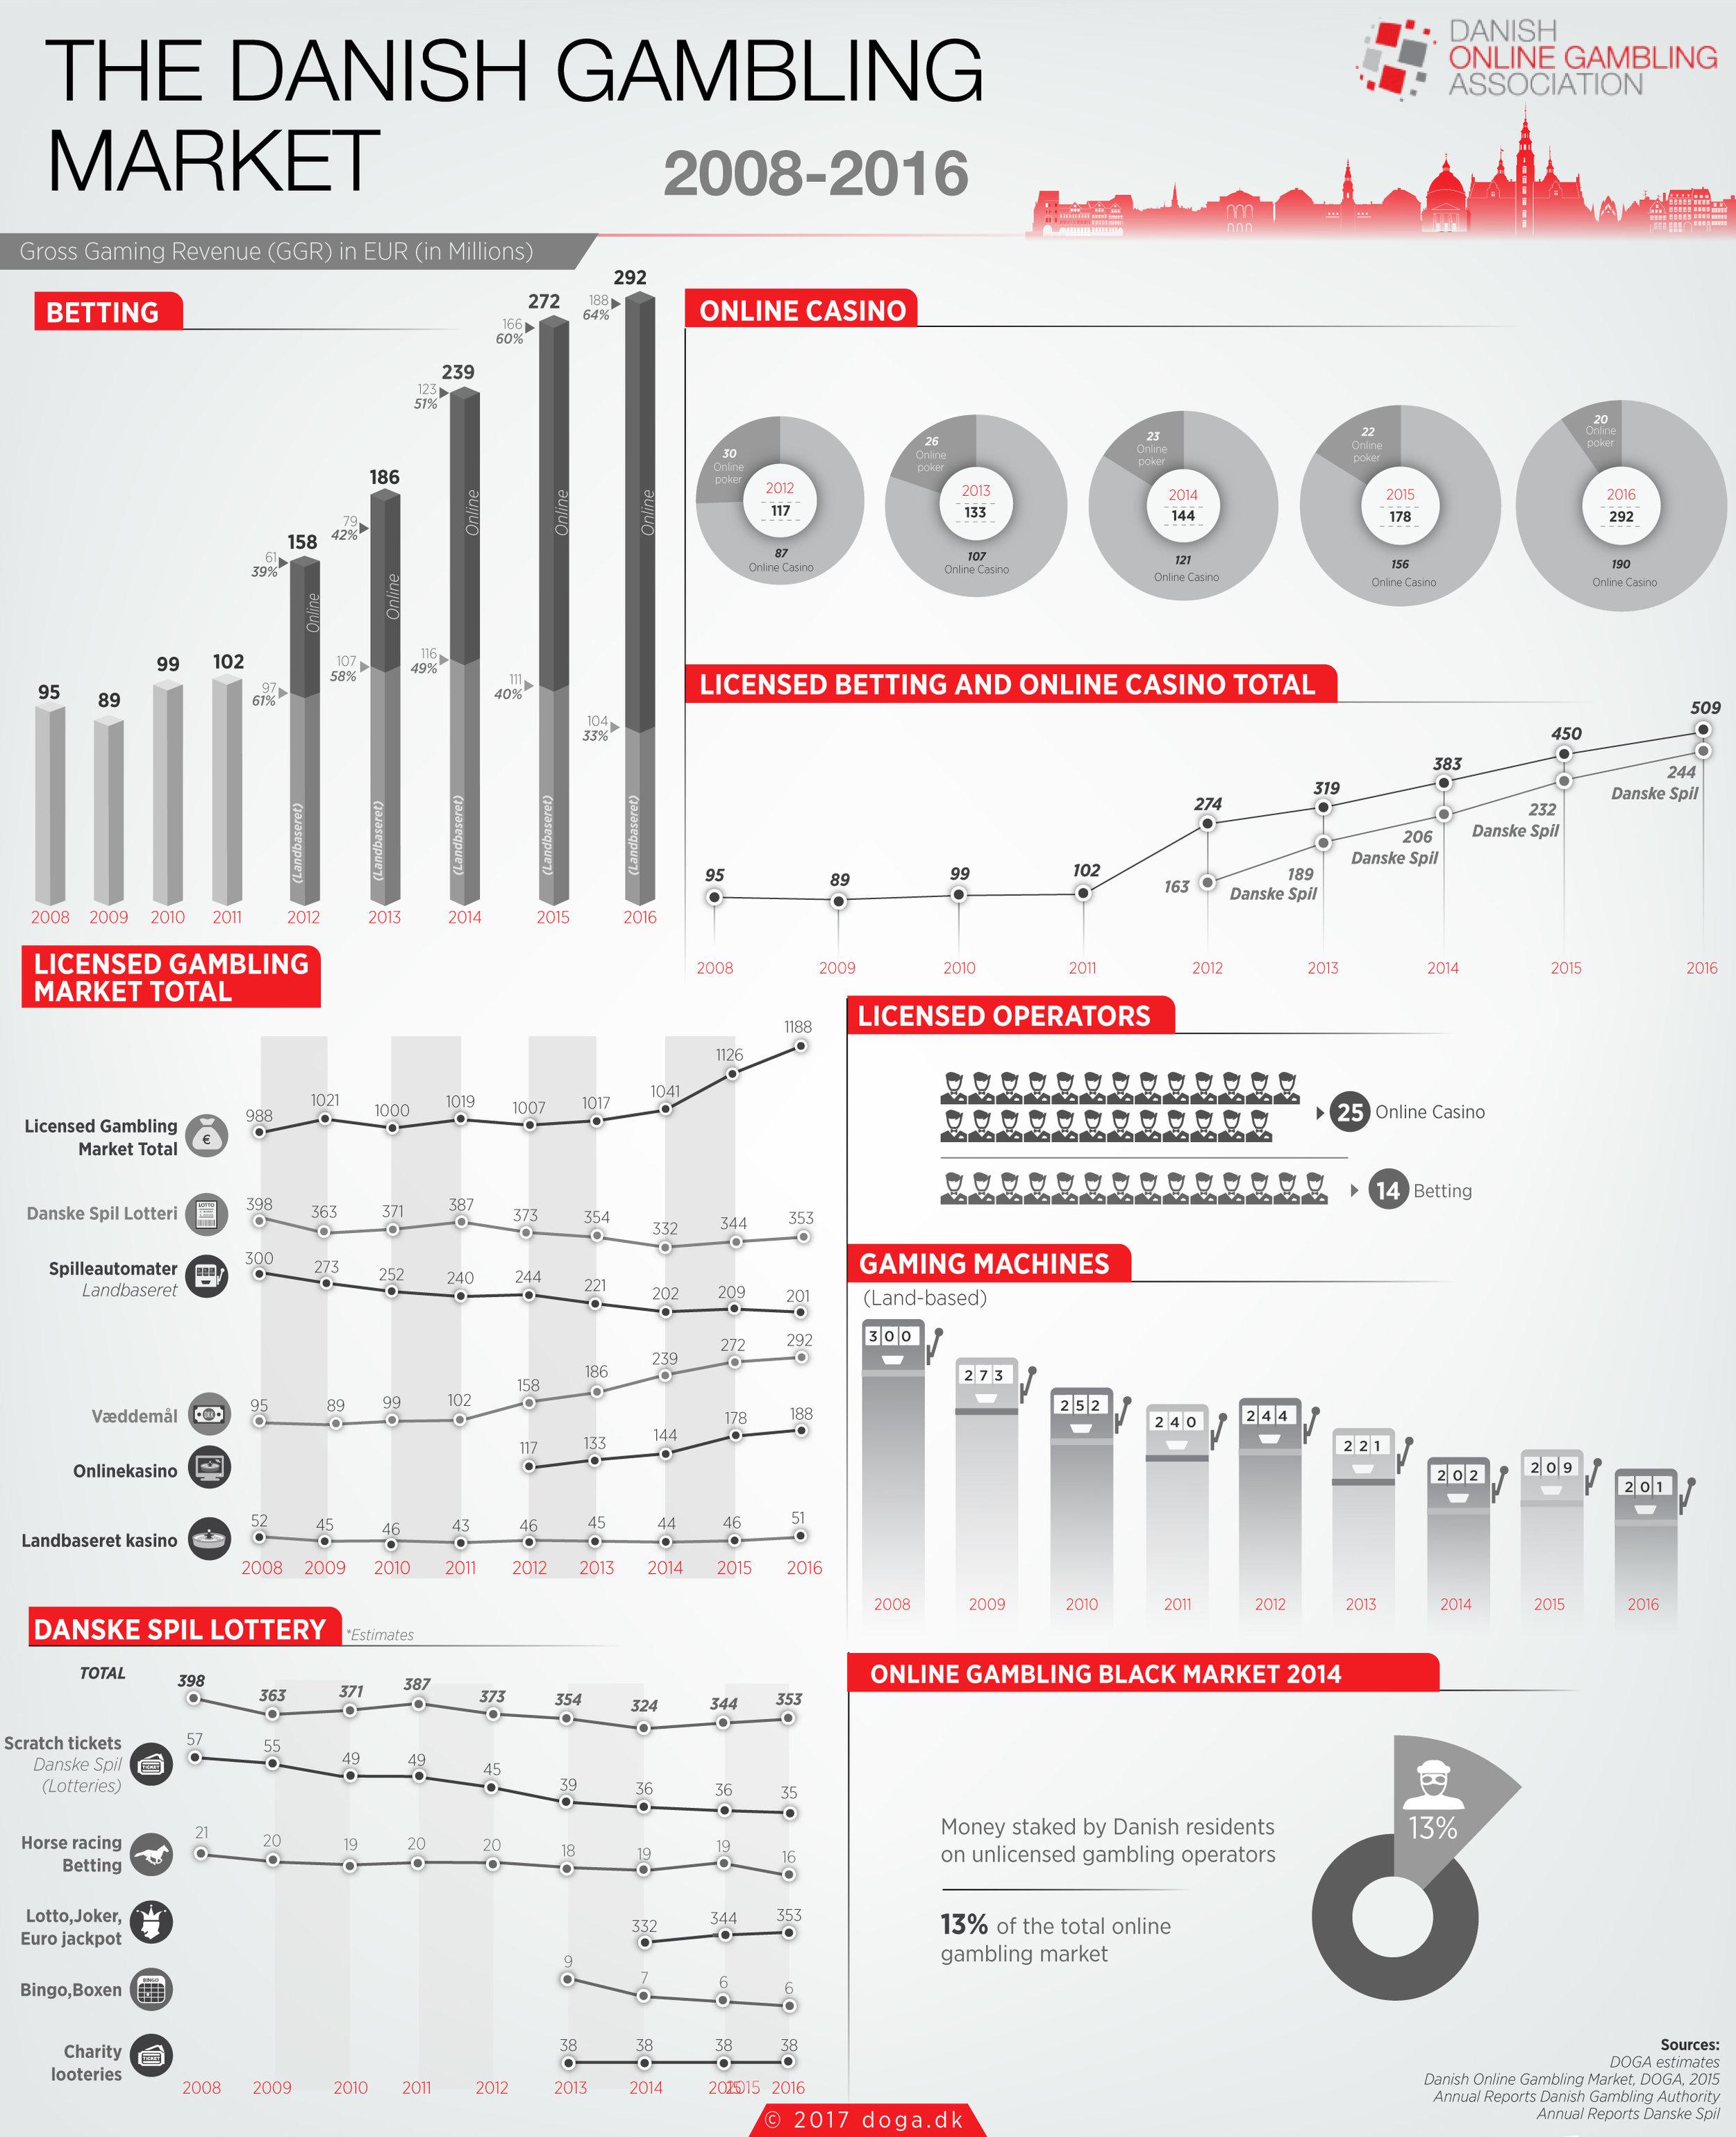 gambling infographic 2016 ENG-02.jpg